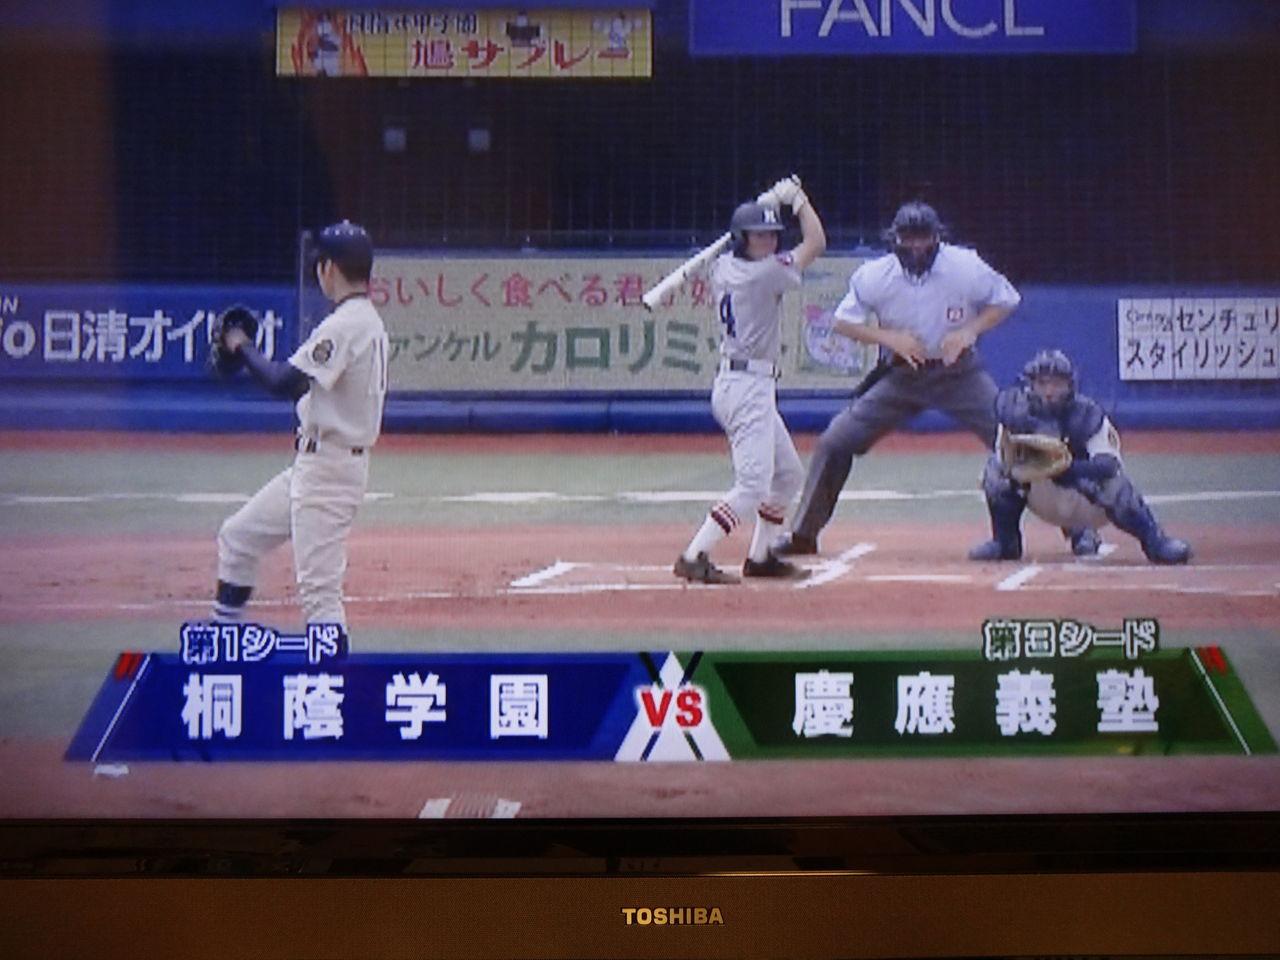 高校野球に関連するアーカイブ一覧 - Yahoo!ニュース